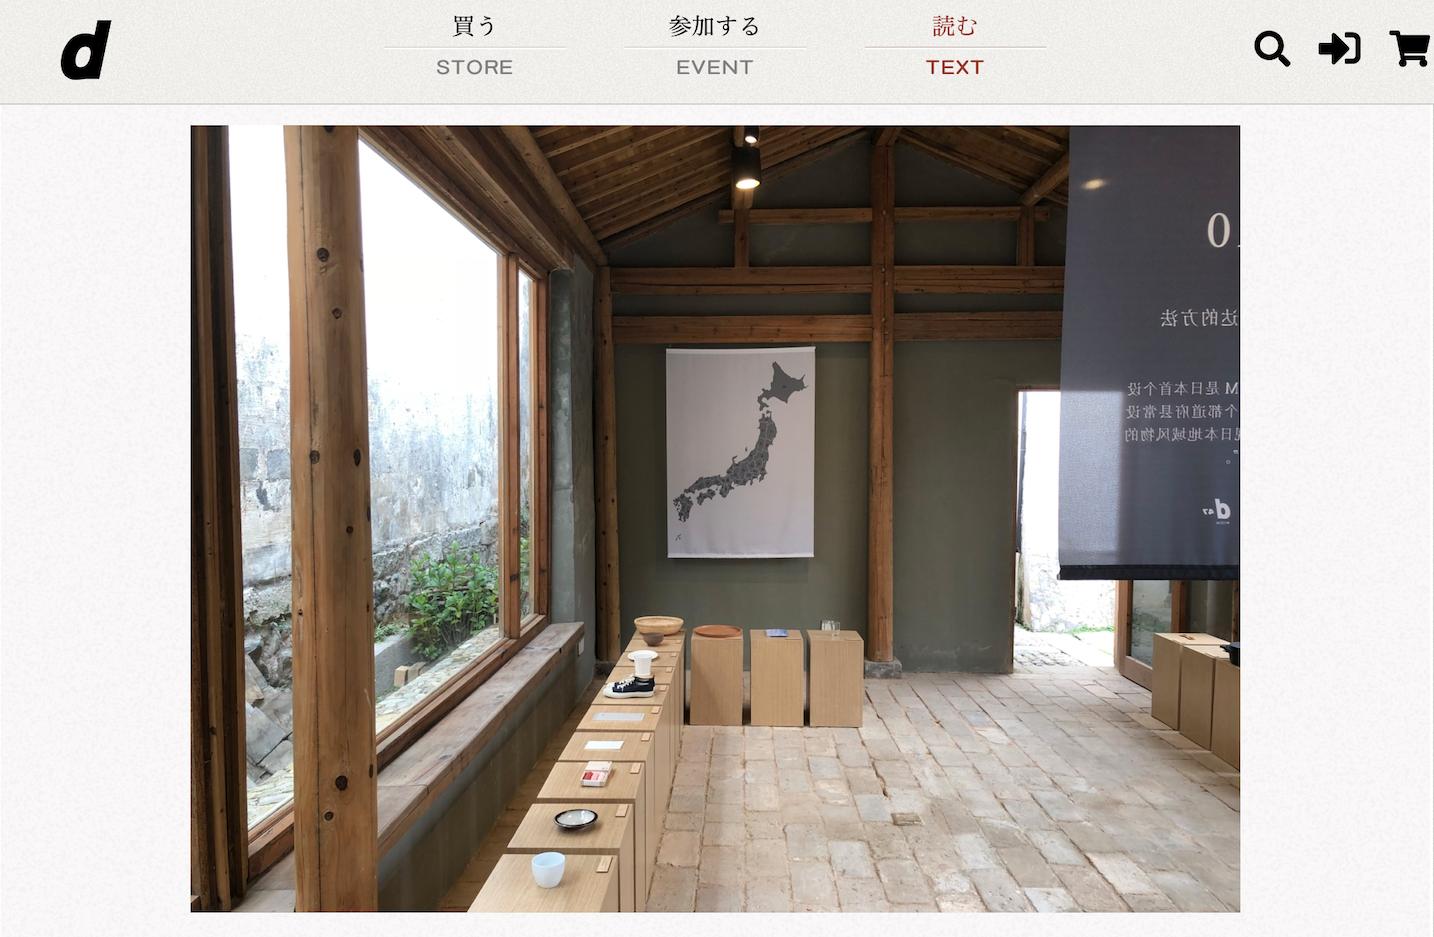 日本永续设计生活方式品牌 D&DEPARTMENT 第二家海外门店落户中国黄山